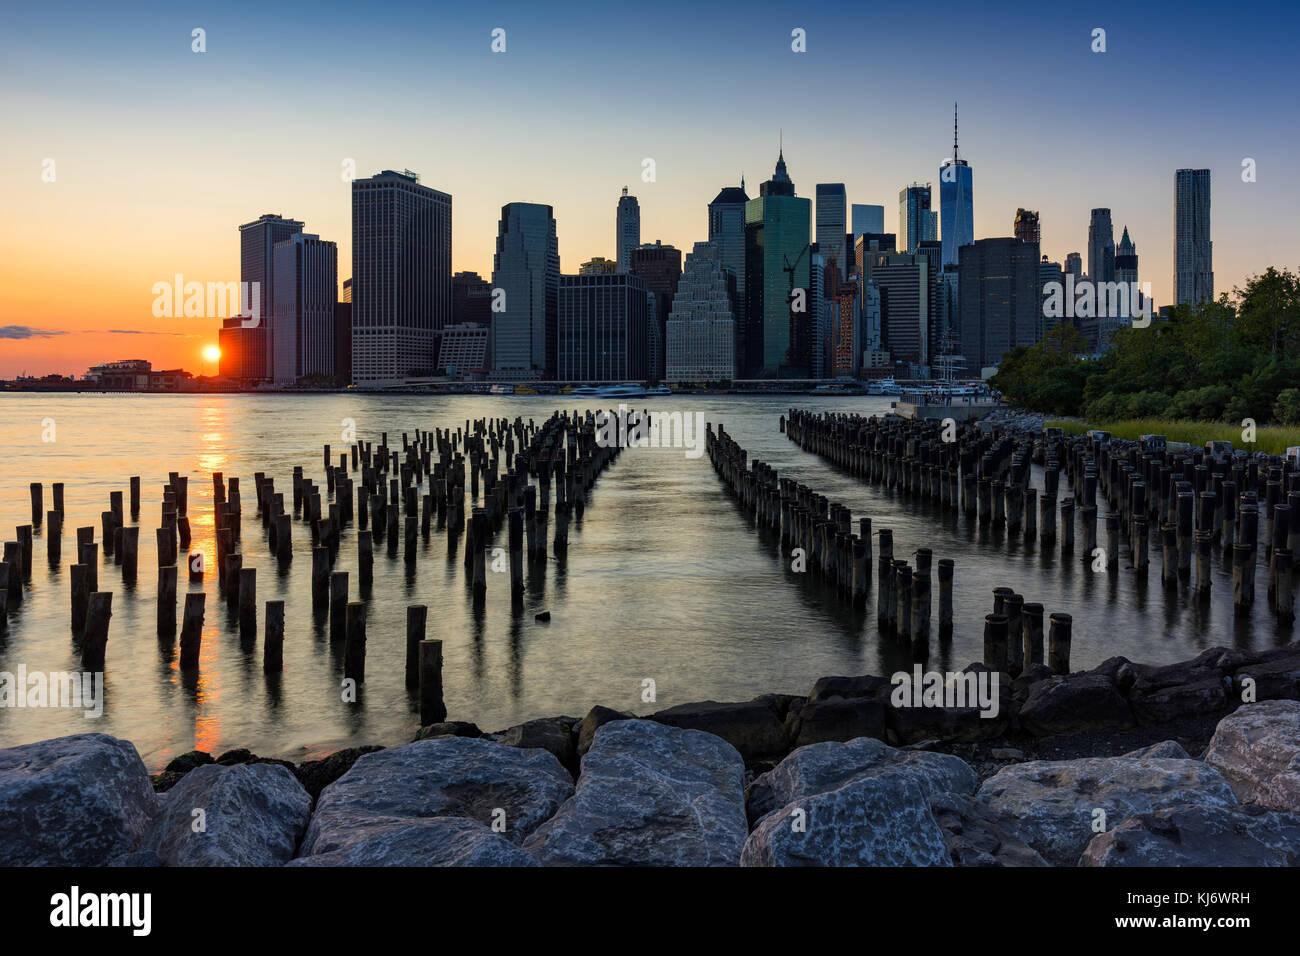 Wolkenkratzer von Manhattan und Holz-pilings bei Sonnenuntergang von Brooklyn Bridge Park. Manhattan, New York City Stockbild